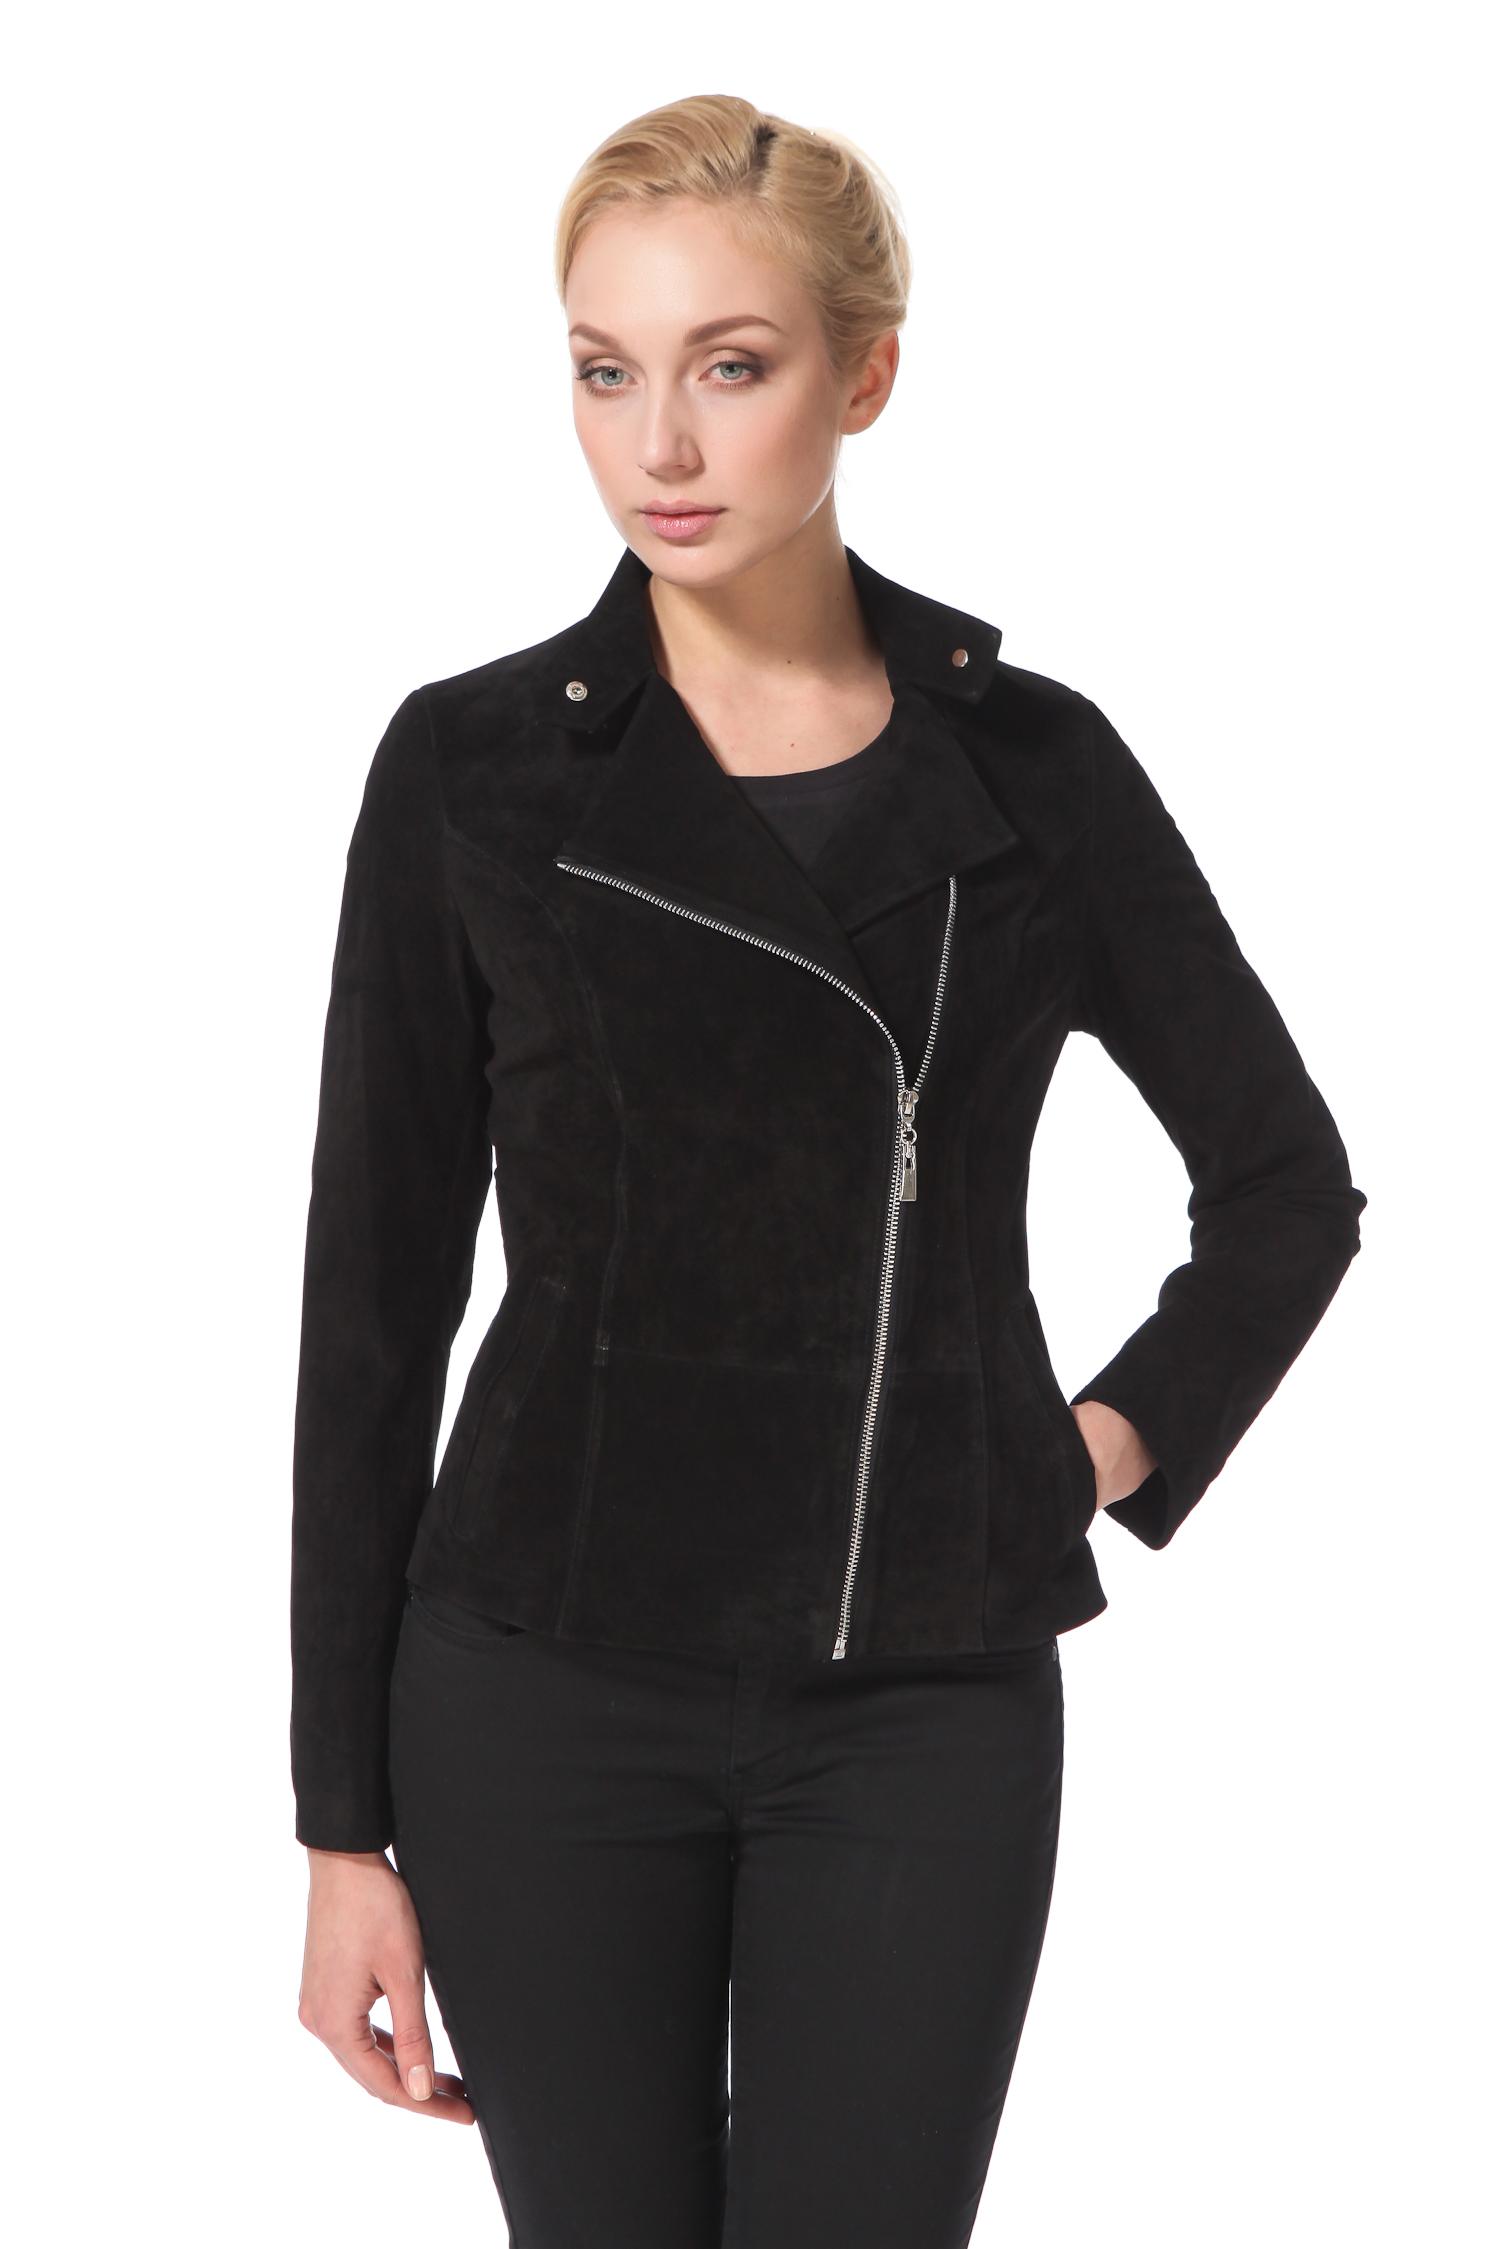 Женская кожаная куртка из натуральной замши с воротником, без отделки<br><br>Воротник: стойка<br>Длина см: Короткая (51-74 )<br>Материал: Замша<br>Цвет: черный<br>Застежка: молния<br>Пол: Женский<br>Размер RU: 46